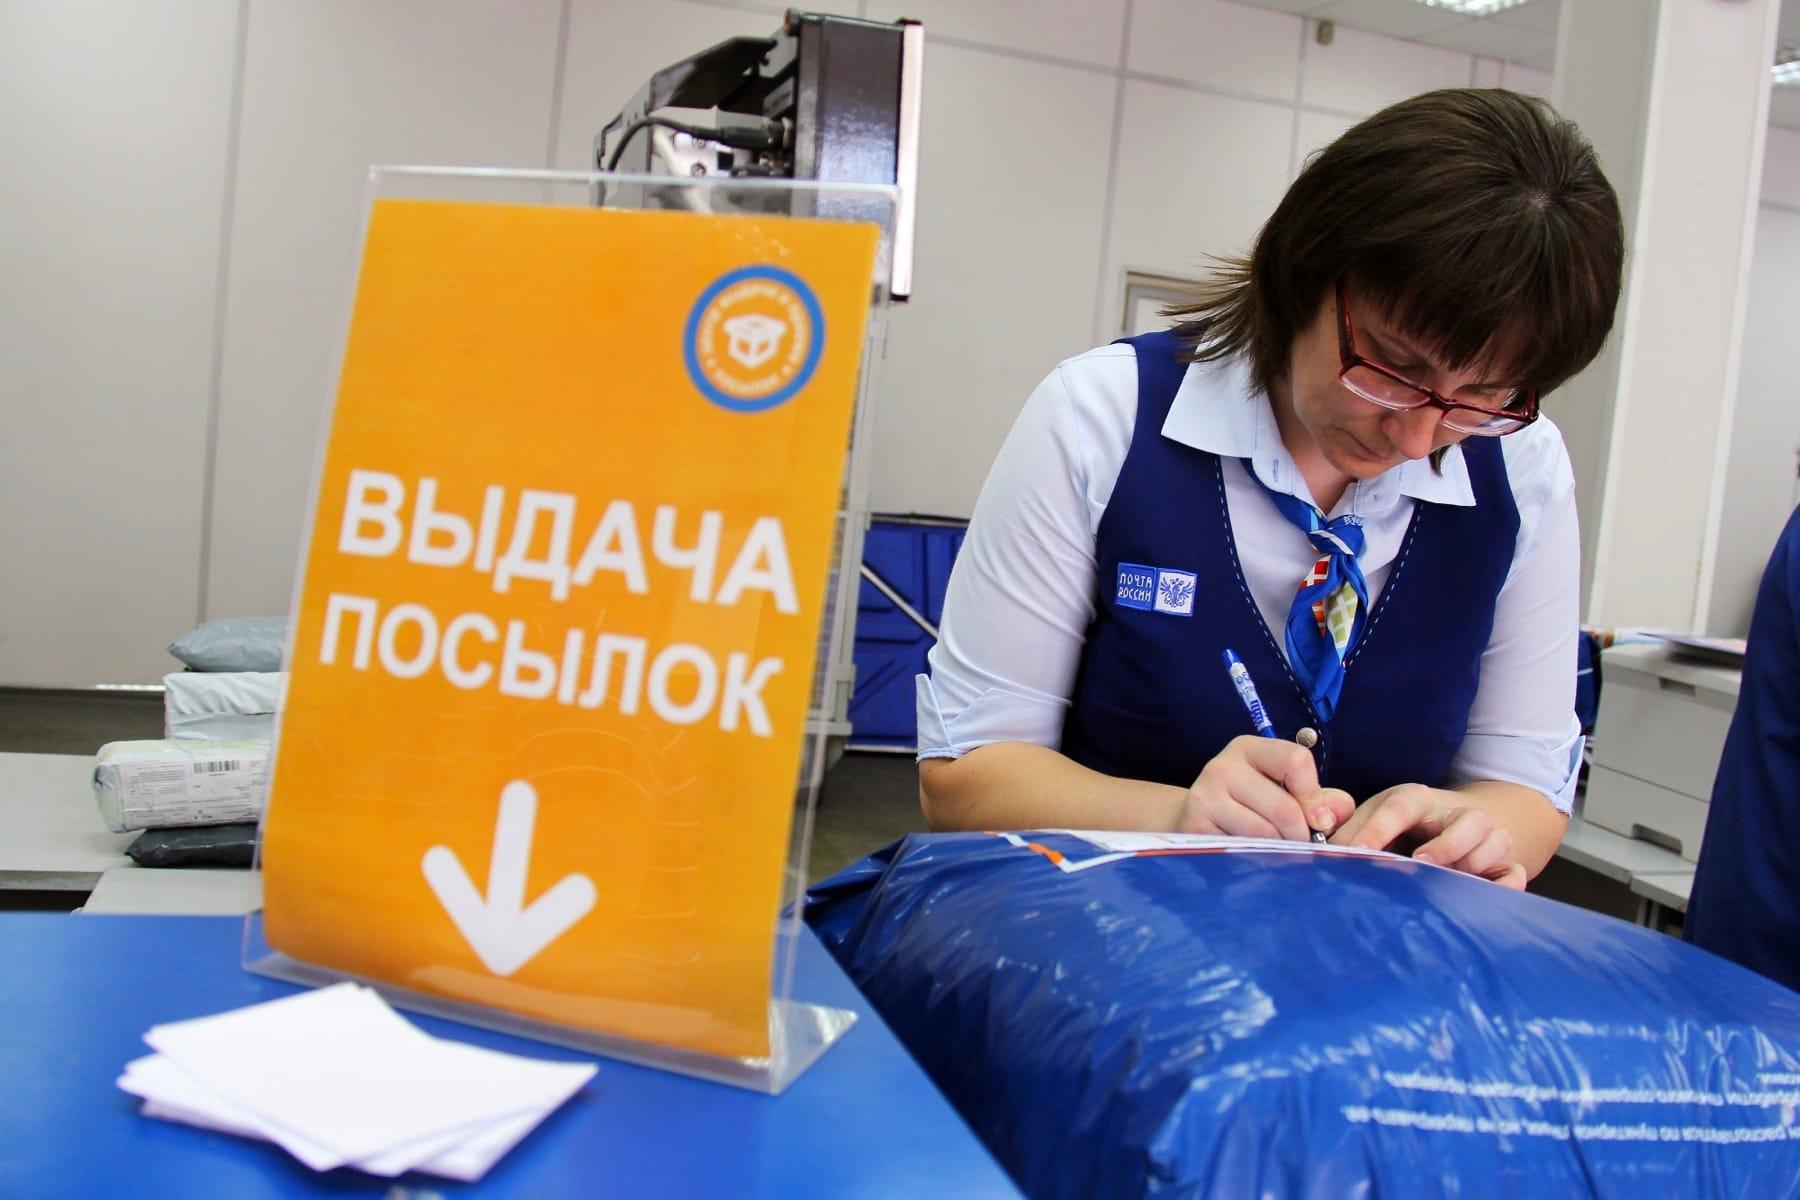 В государственной думе РФ посоветовали ввести платежи запокупки виностранных электронных магазинах